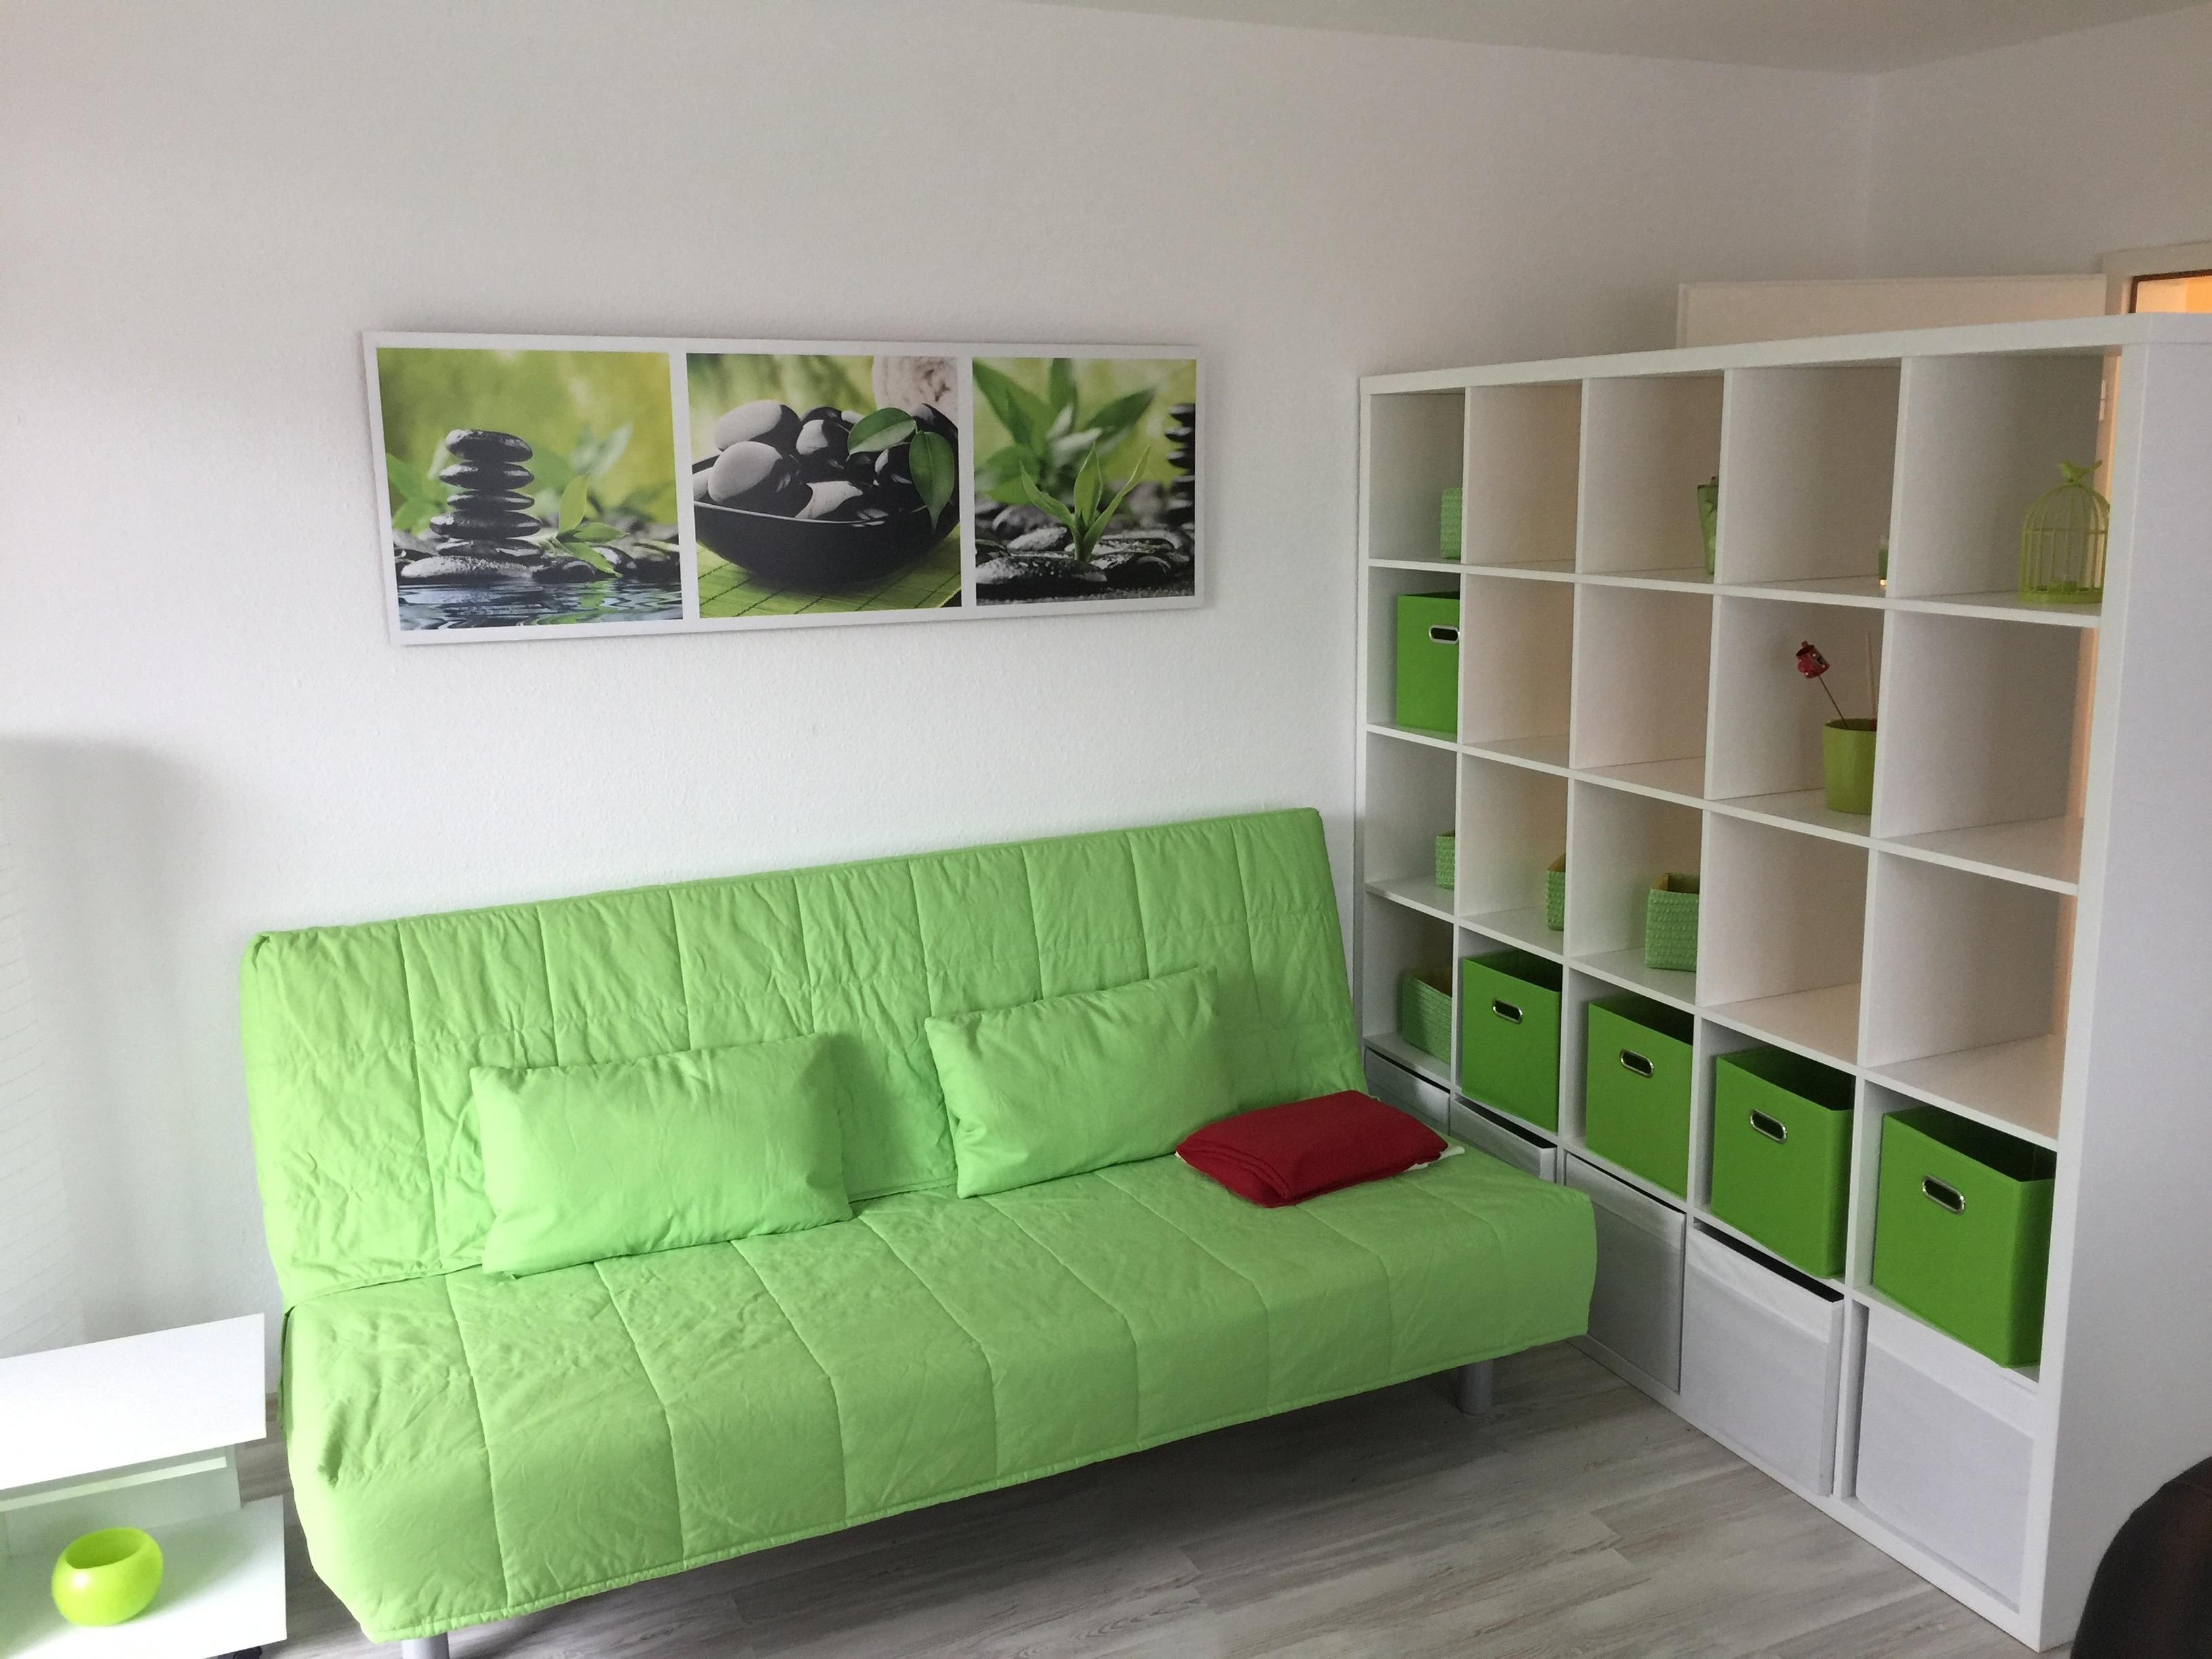 ferienwohnung dahme 3 personen deutschland schleswig holstein 721695. Black Bedroom Furniture Sets. Home Design Ideas